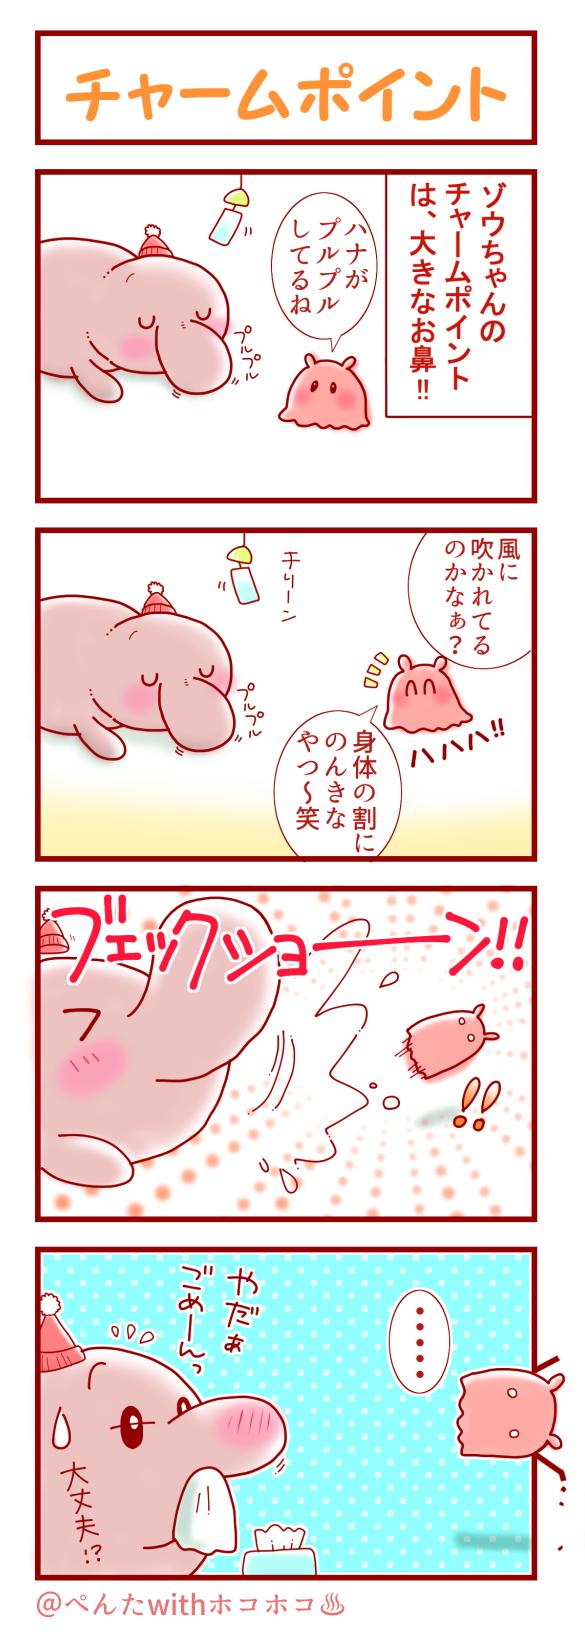 天然ゾウアザラシちゃん4コマ-2(チャームポイント)